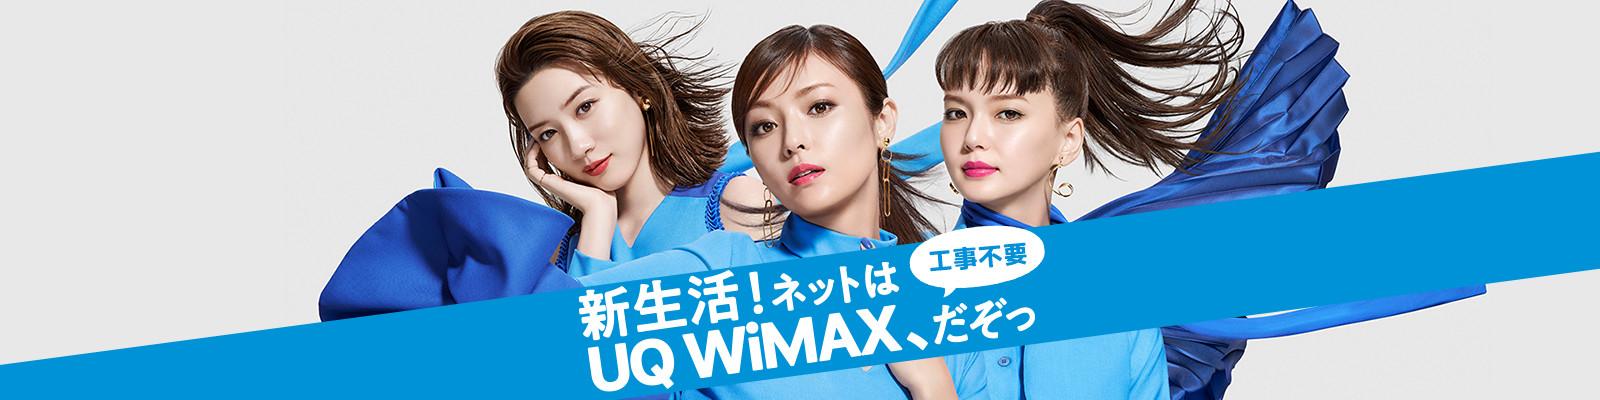 UQ WiMAXの料金プランやキャンペーン・他プロバイダとの違い